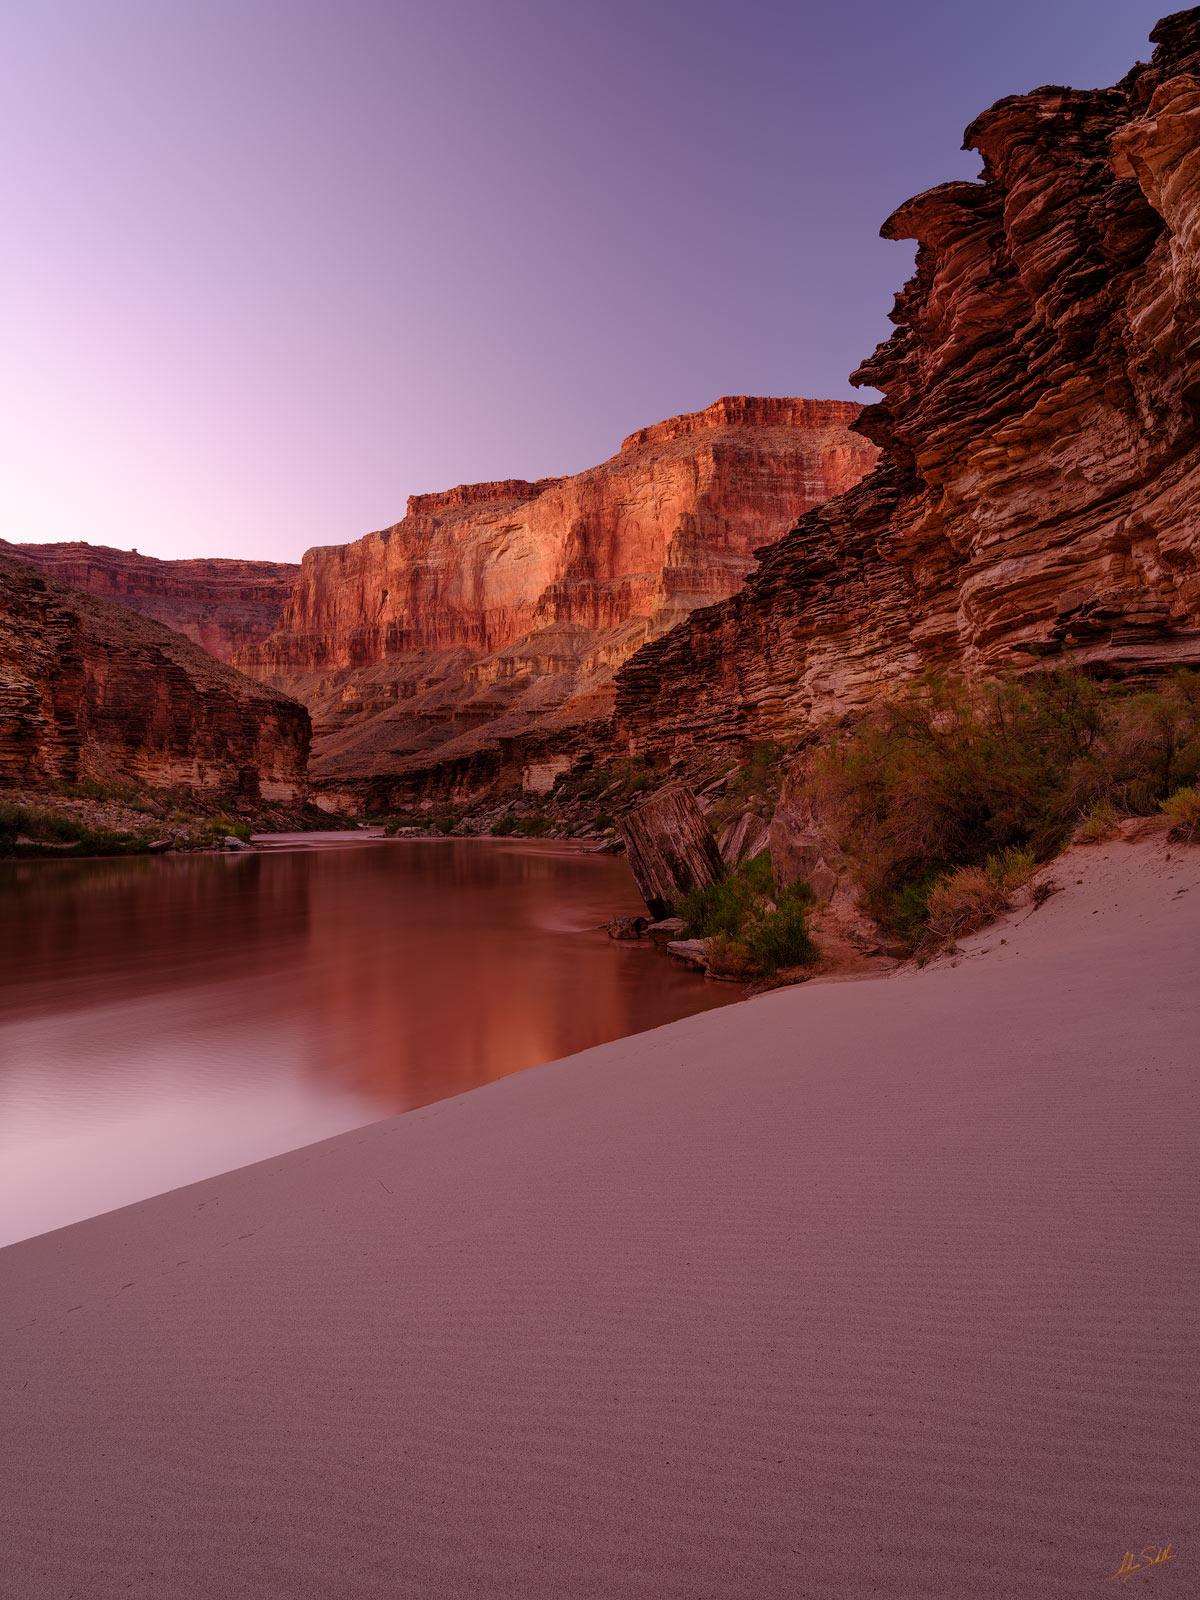 Big Dune, Colorado River, Expedition, FujiFilm, GFX, GFX 100, Grand Canyon, National Park, River Trip, Stephen Aisle, photo